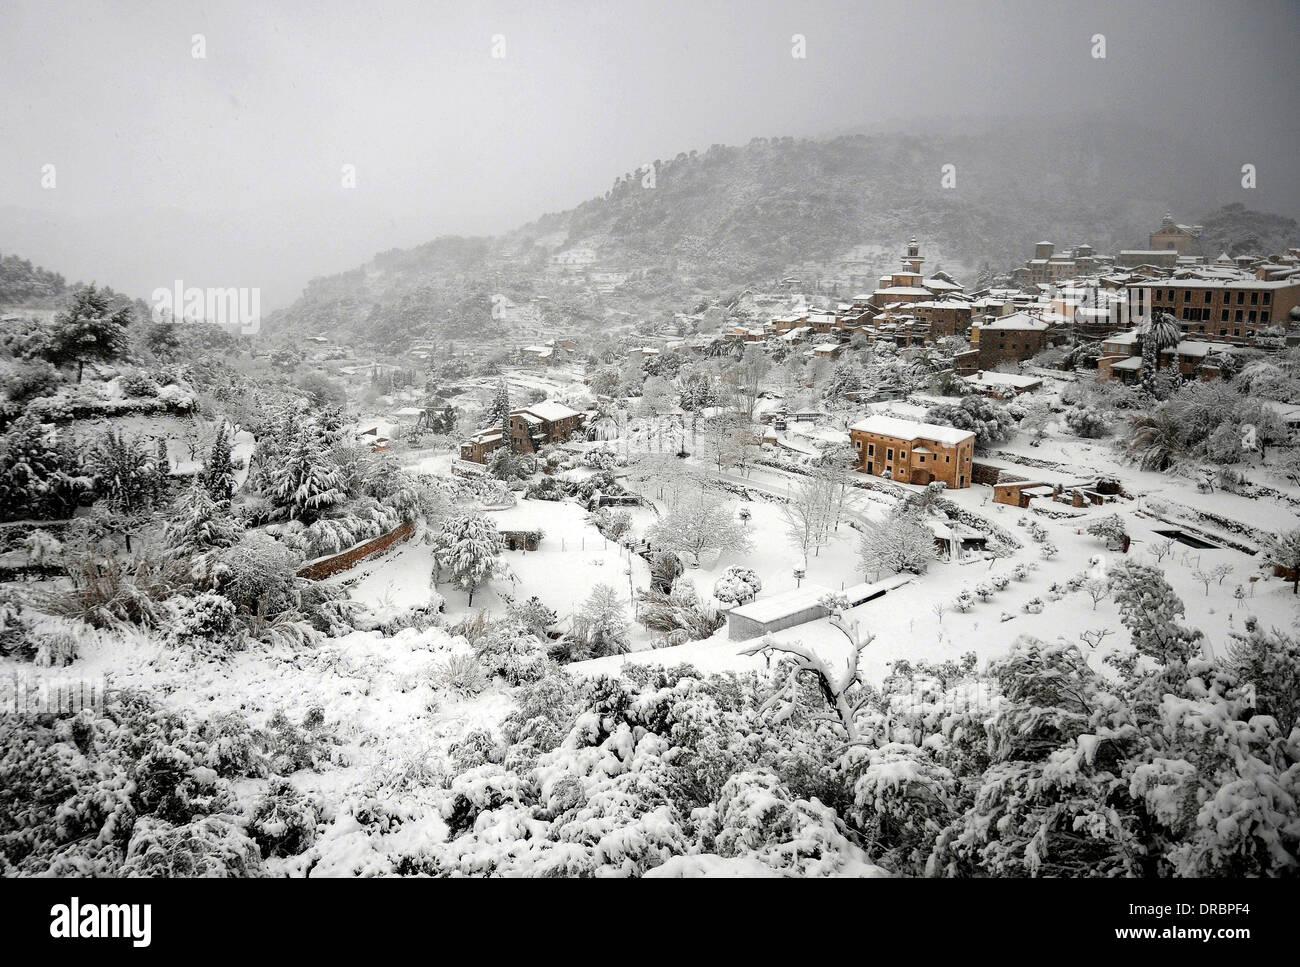 Snow in Valldemossa. A village located in the Serra de Tramuntana in the north of Mallorca. - Stock Image